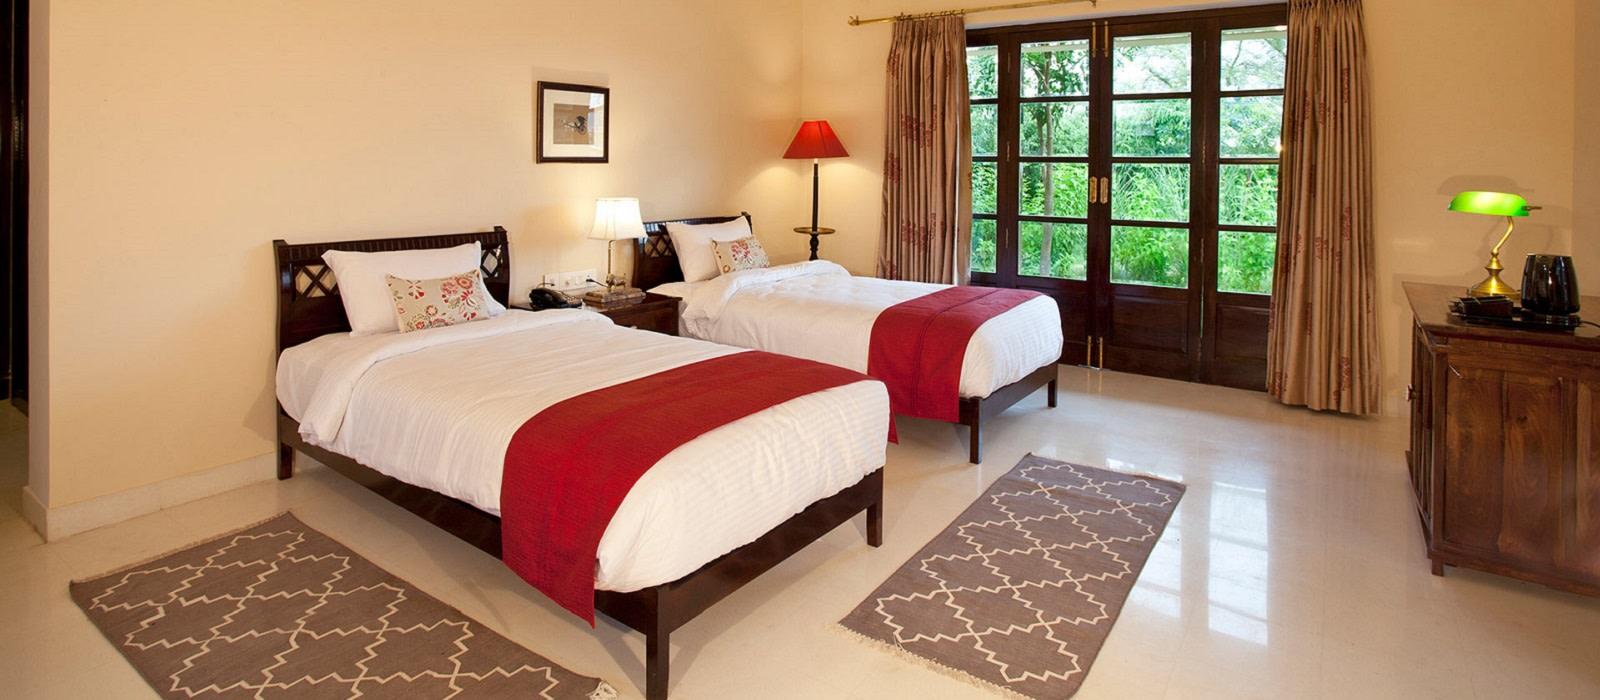 Hotel The Kipling Lodge Ranthambore Nordindien